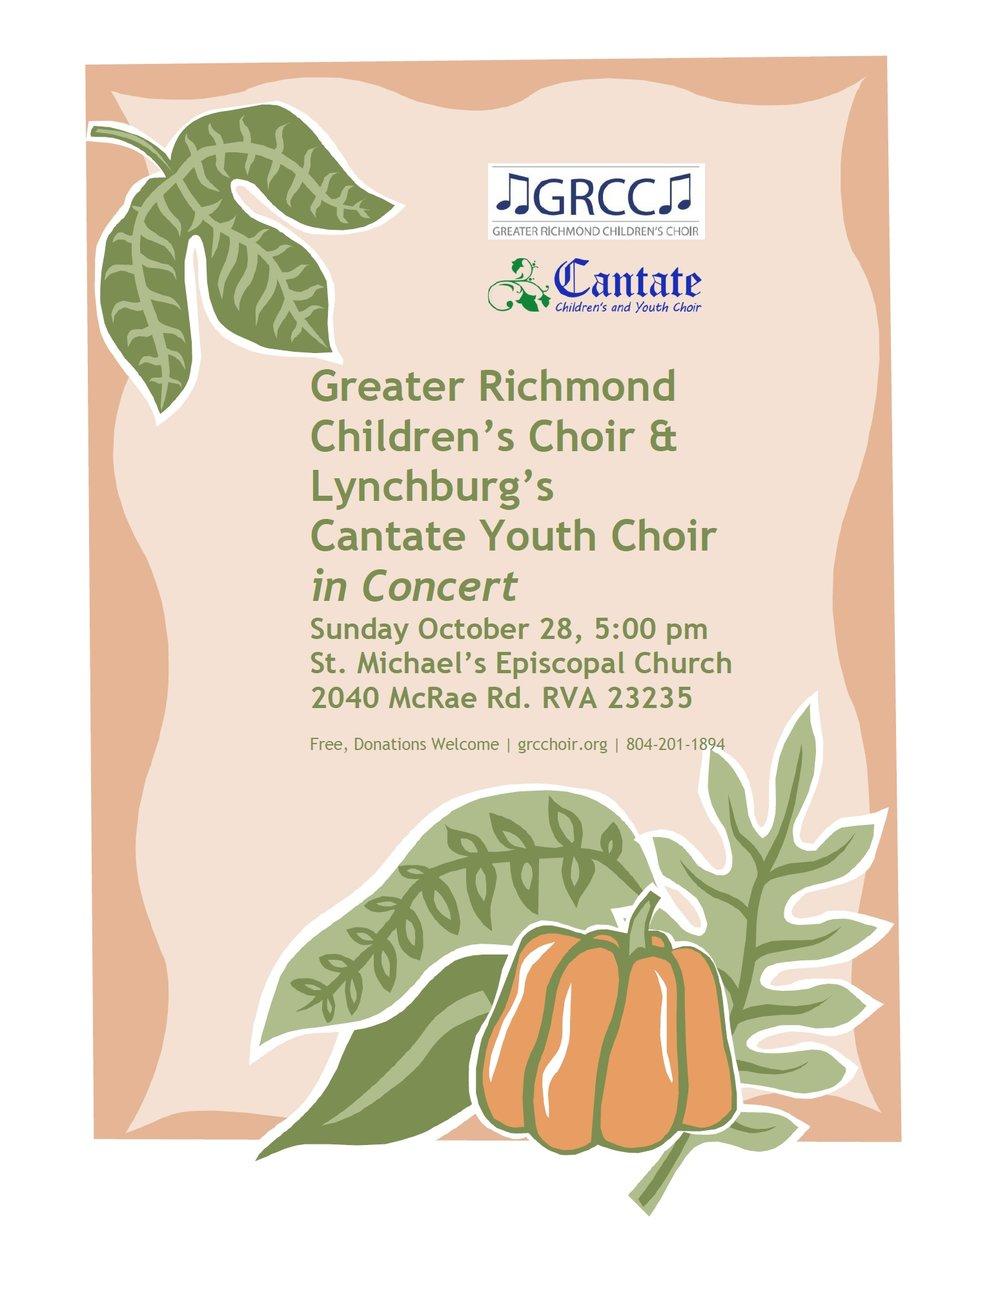 concert flyer lynchburg cantate 10-28-18 pumpkin.jpg